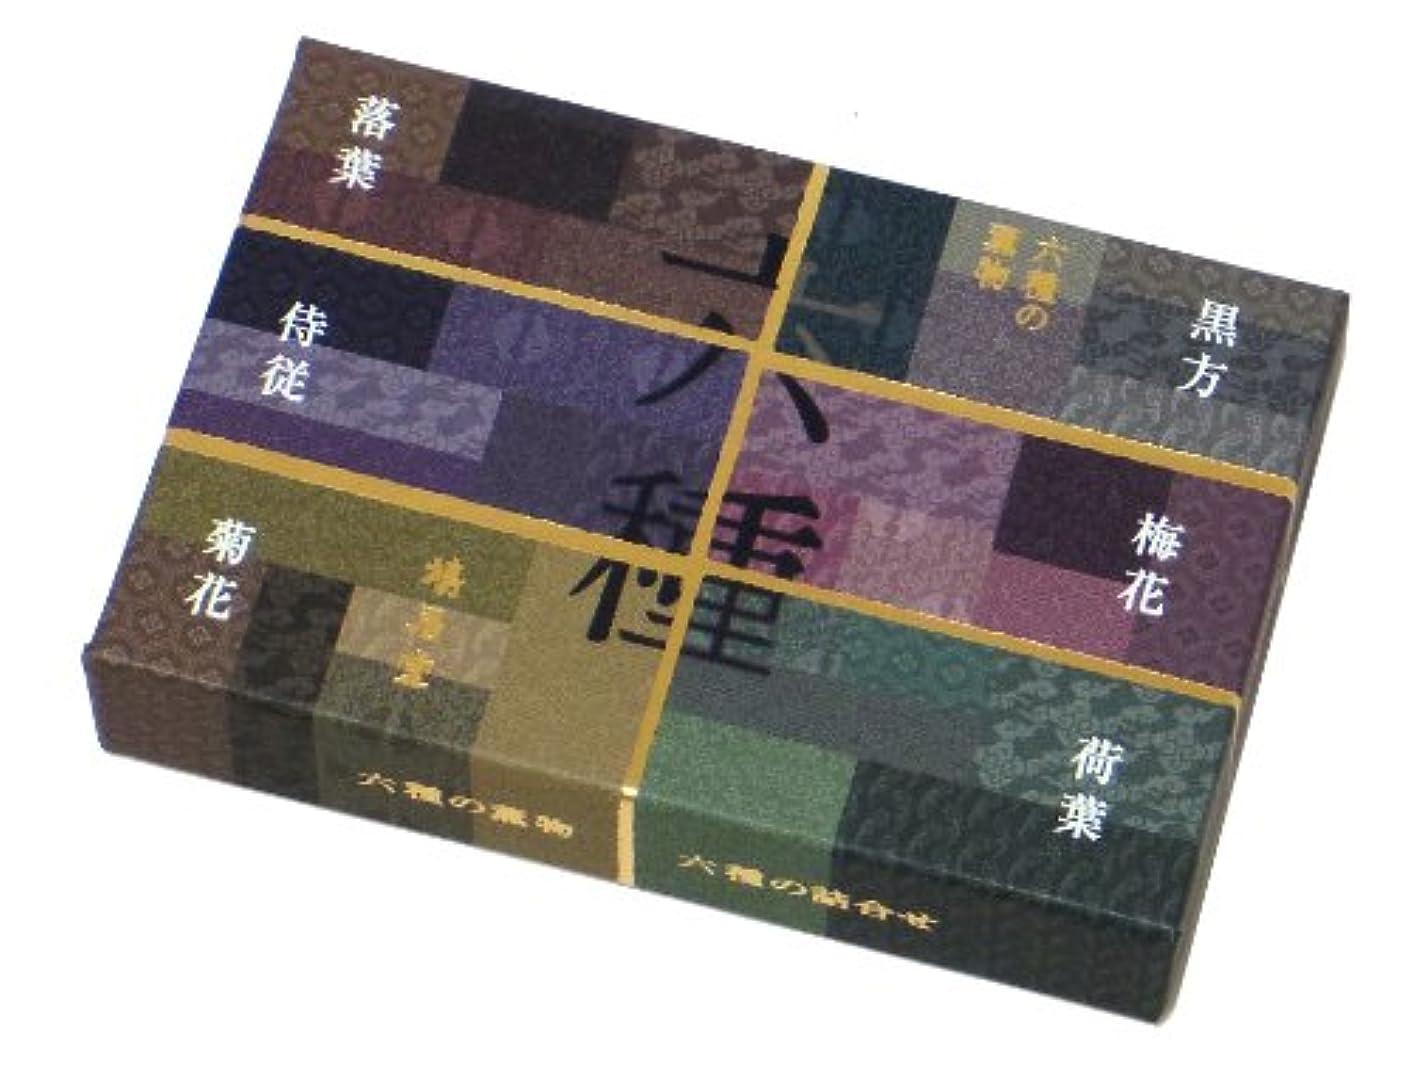 鳩居堂のお香 六種の薫物6種セット 6種類各5本入 6cm 香立入